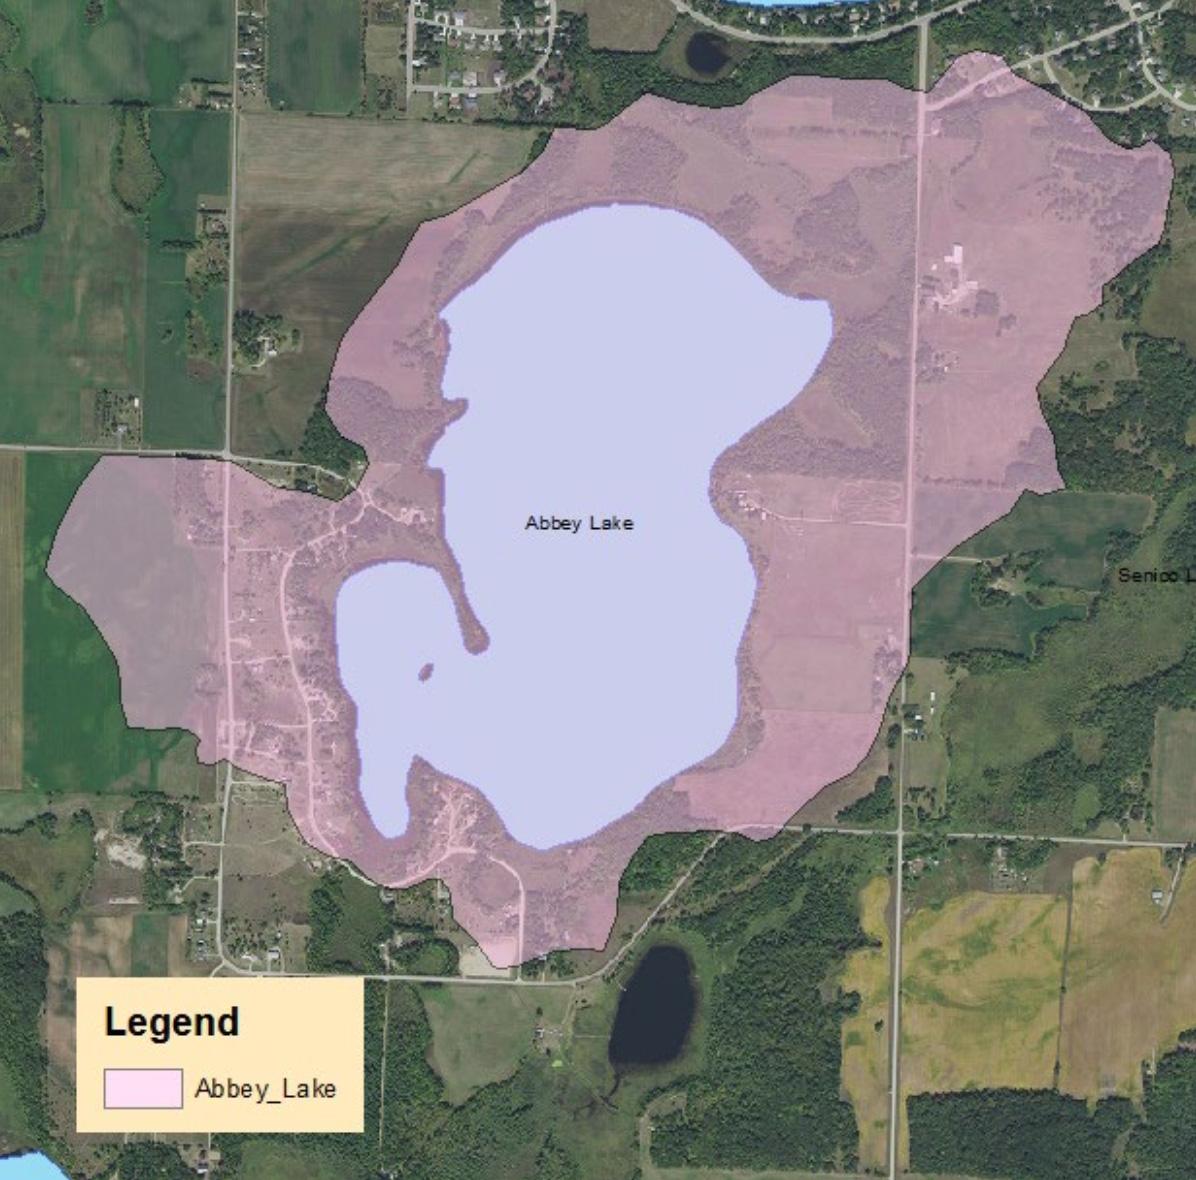 Abbey Lake